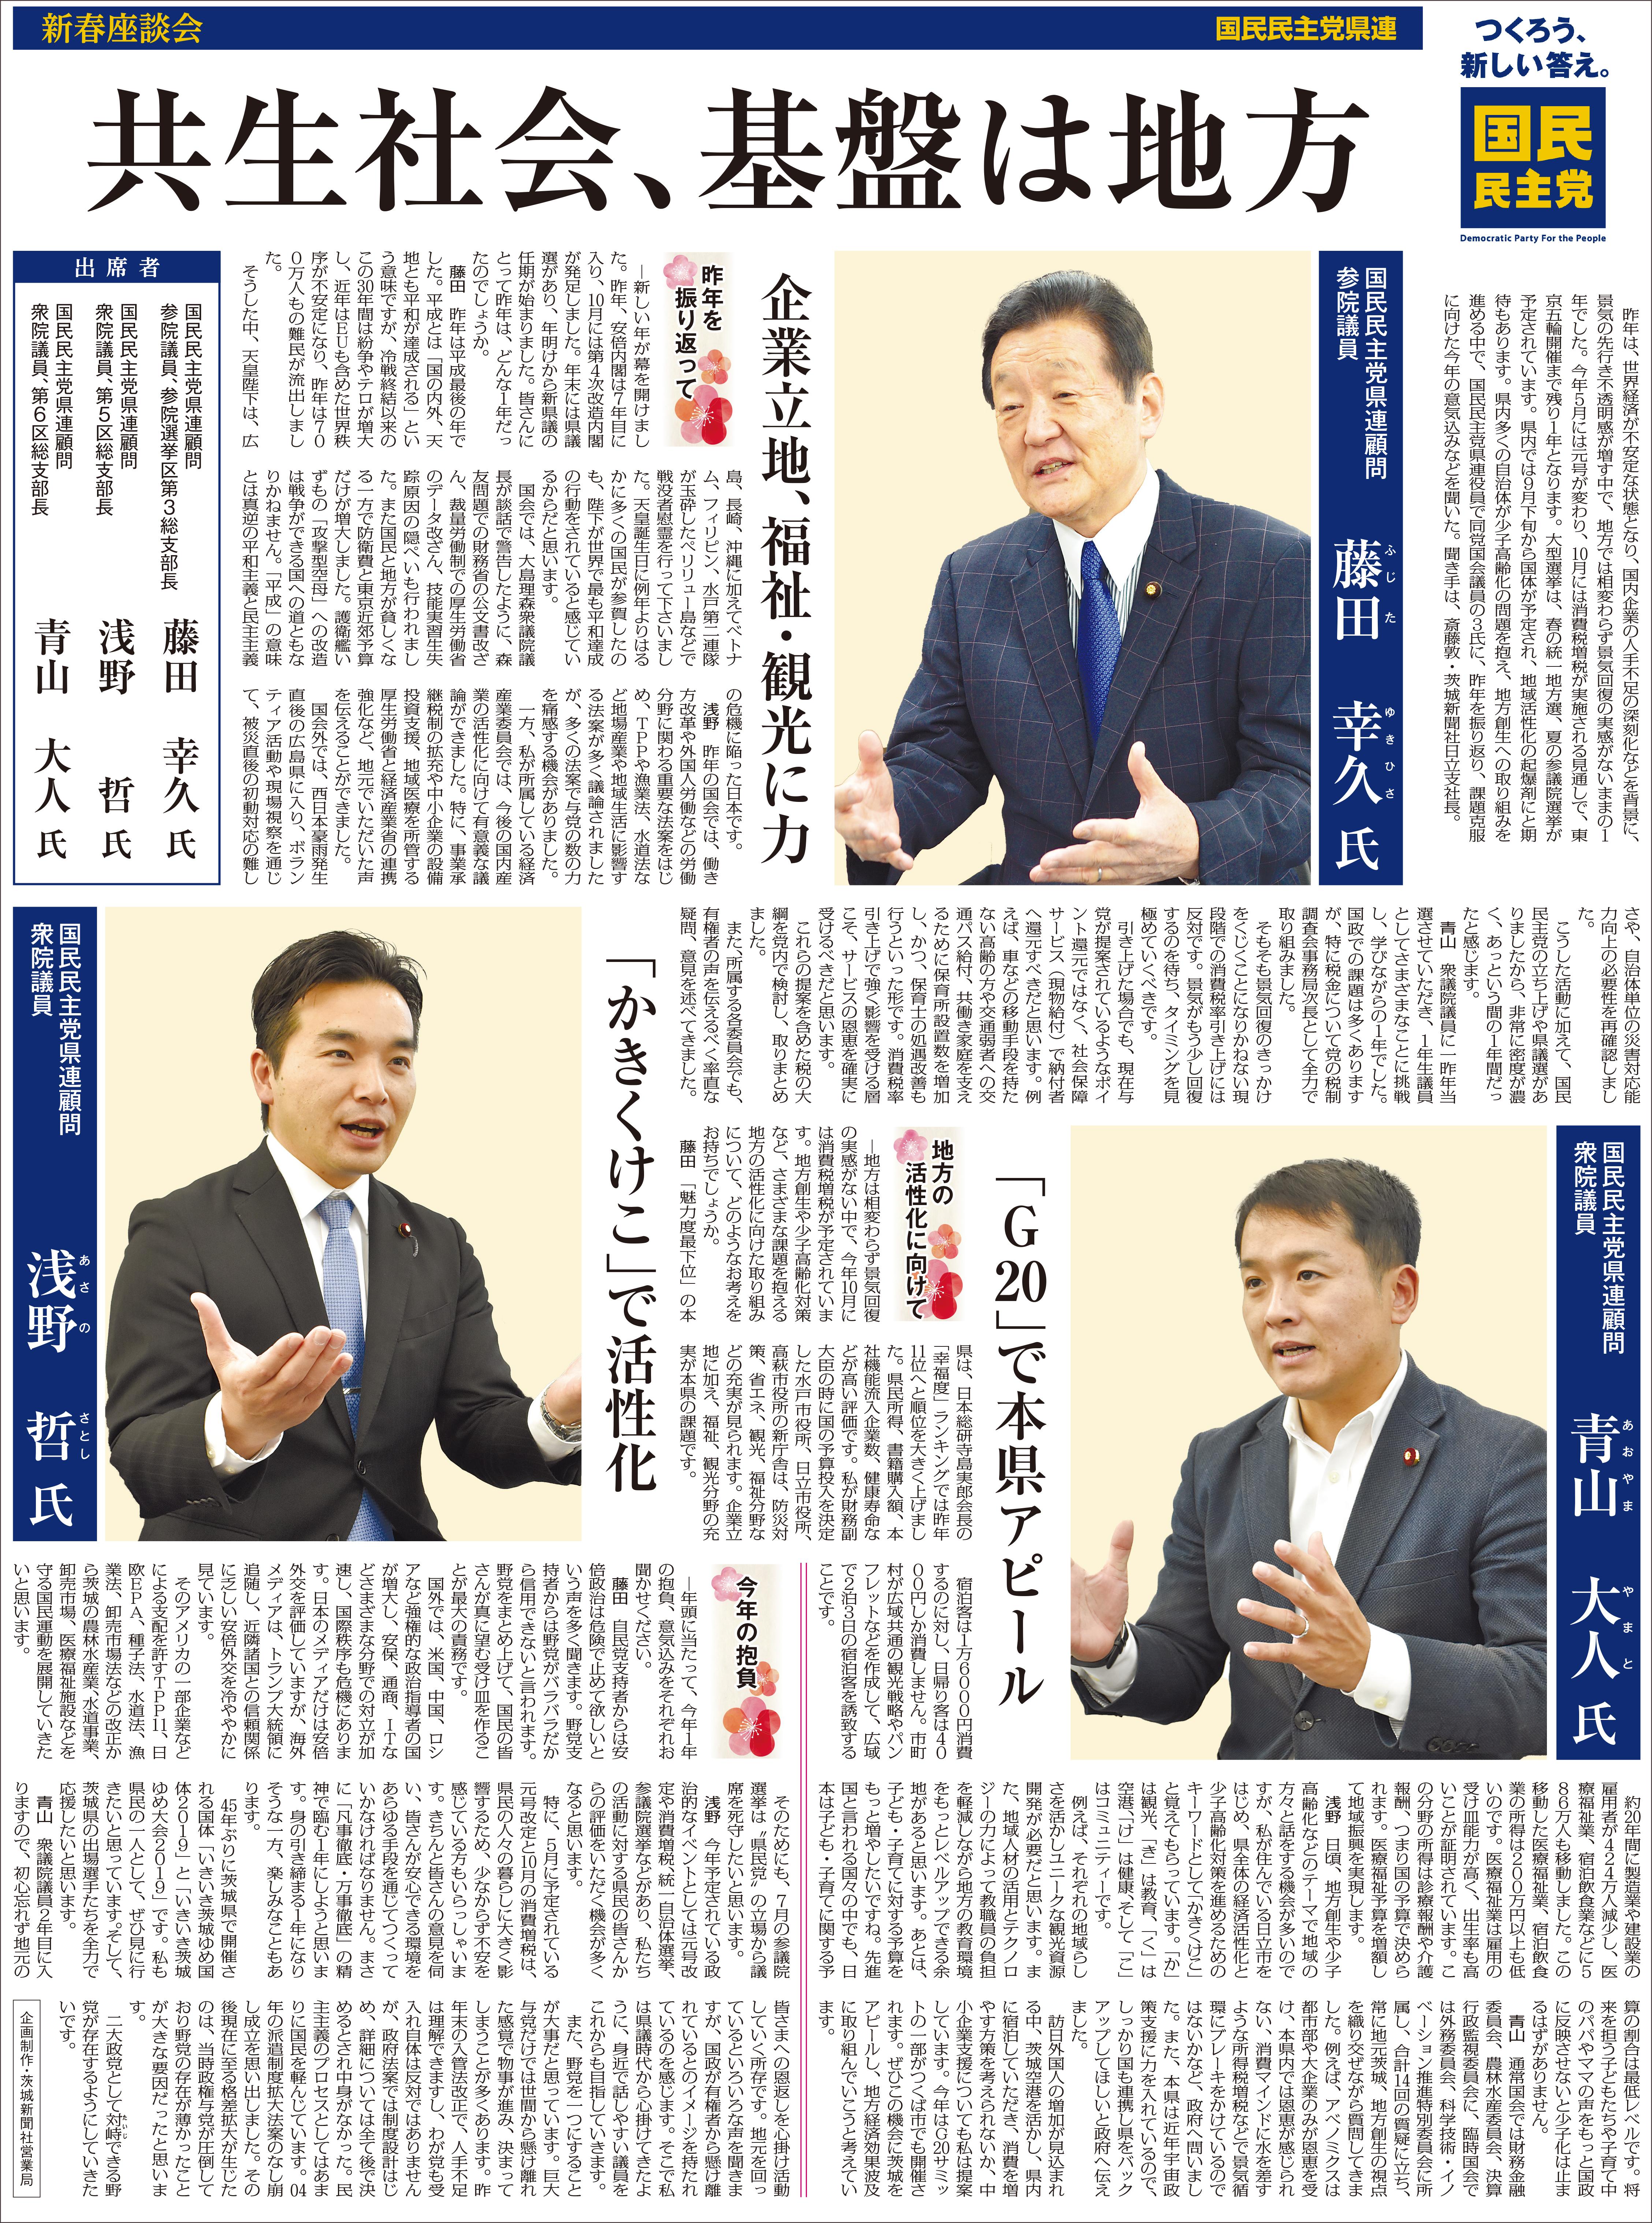 【茨城新聞】国民民主党新春座談会 共生社会、基盤は地方